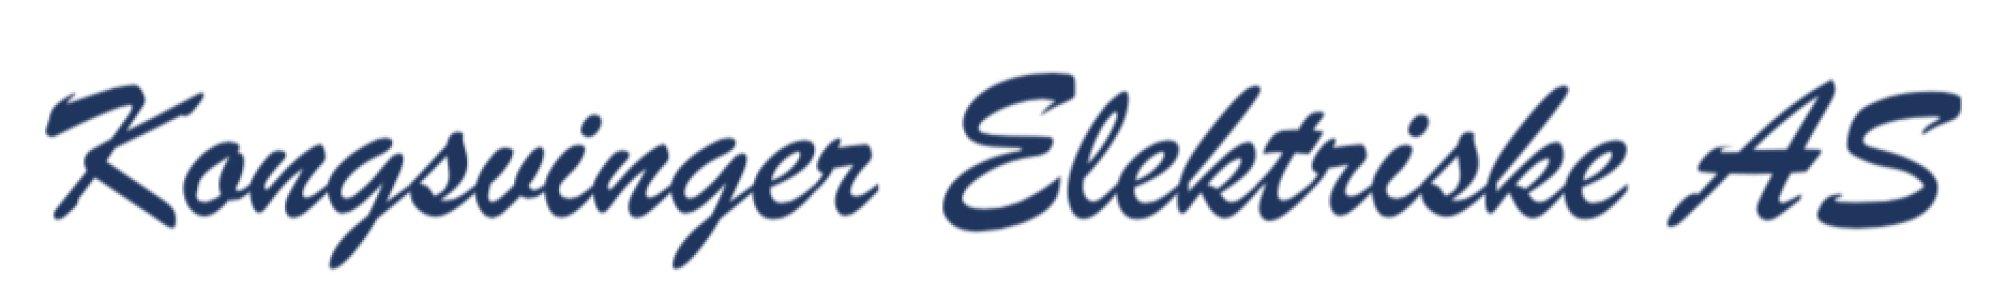 Kongsvinger Elektiske AS